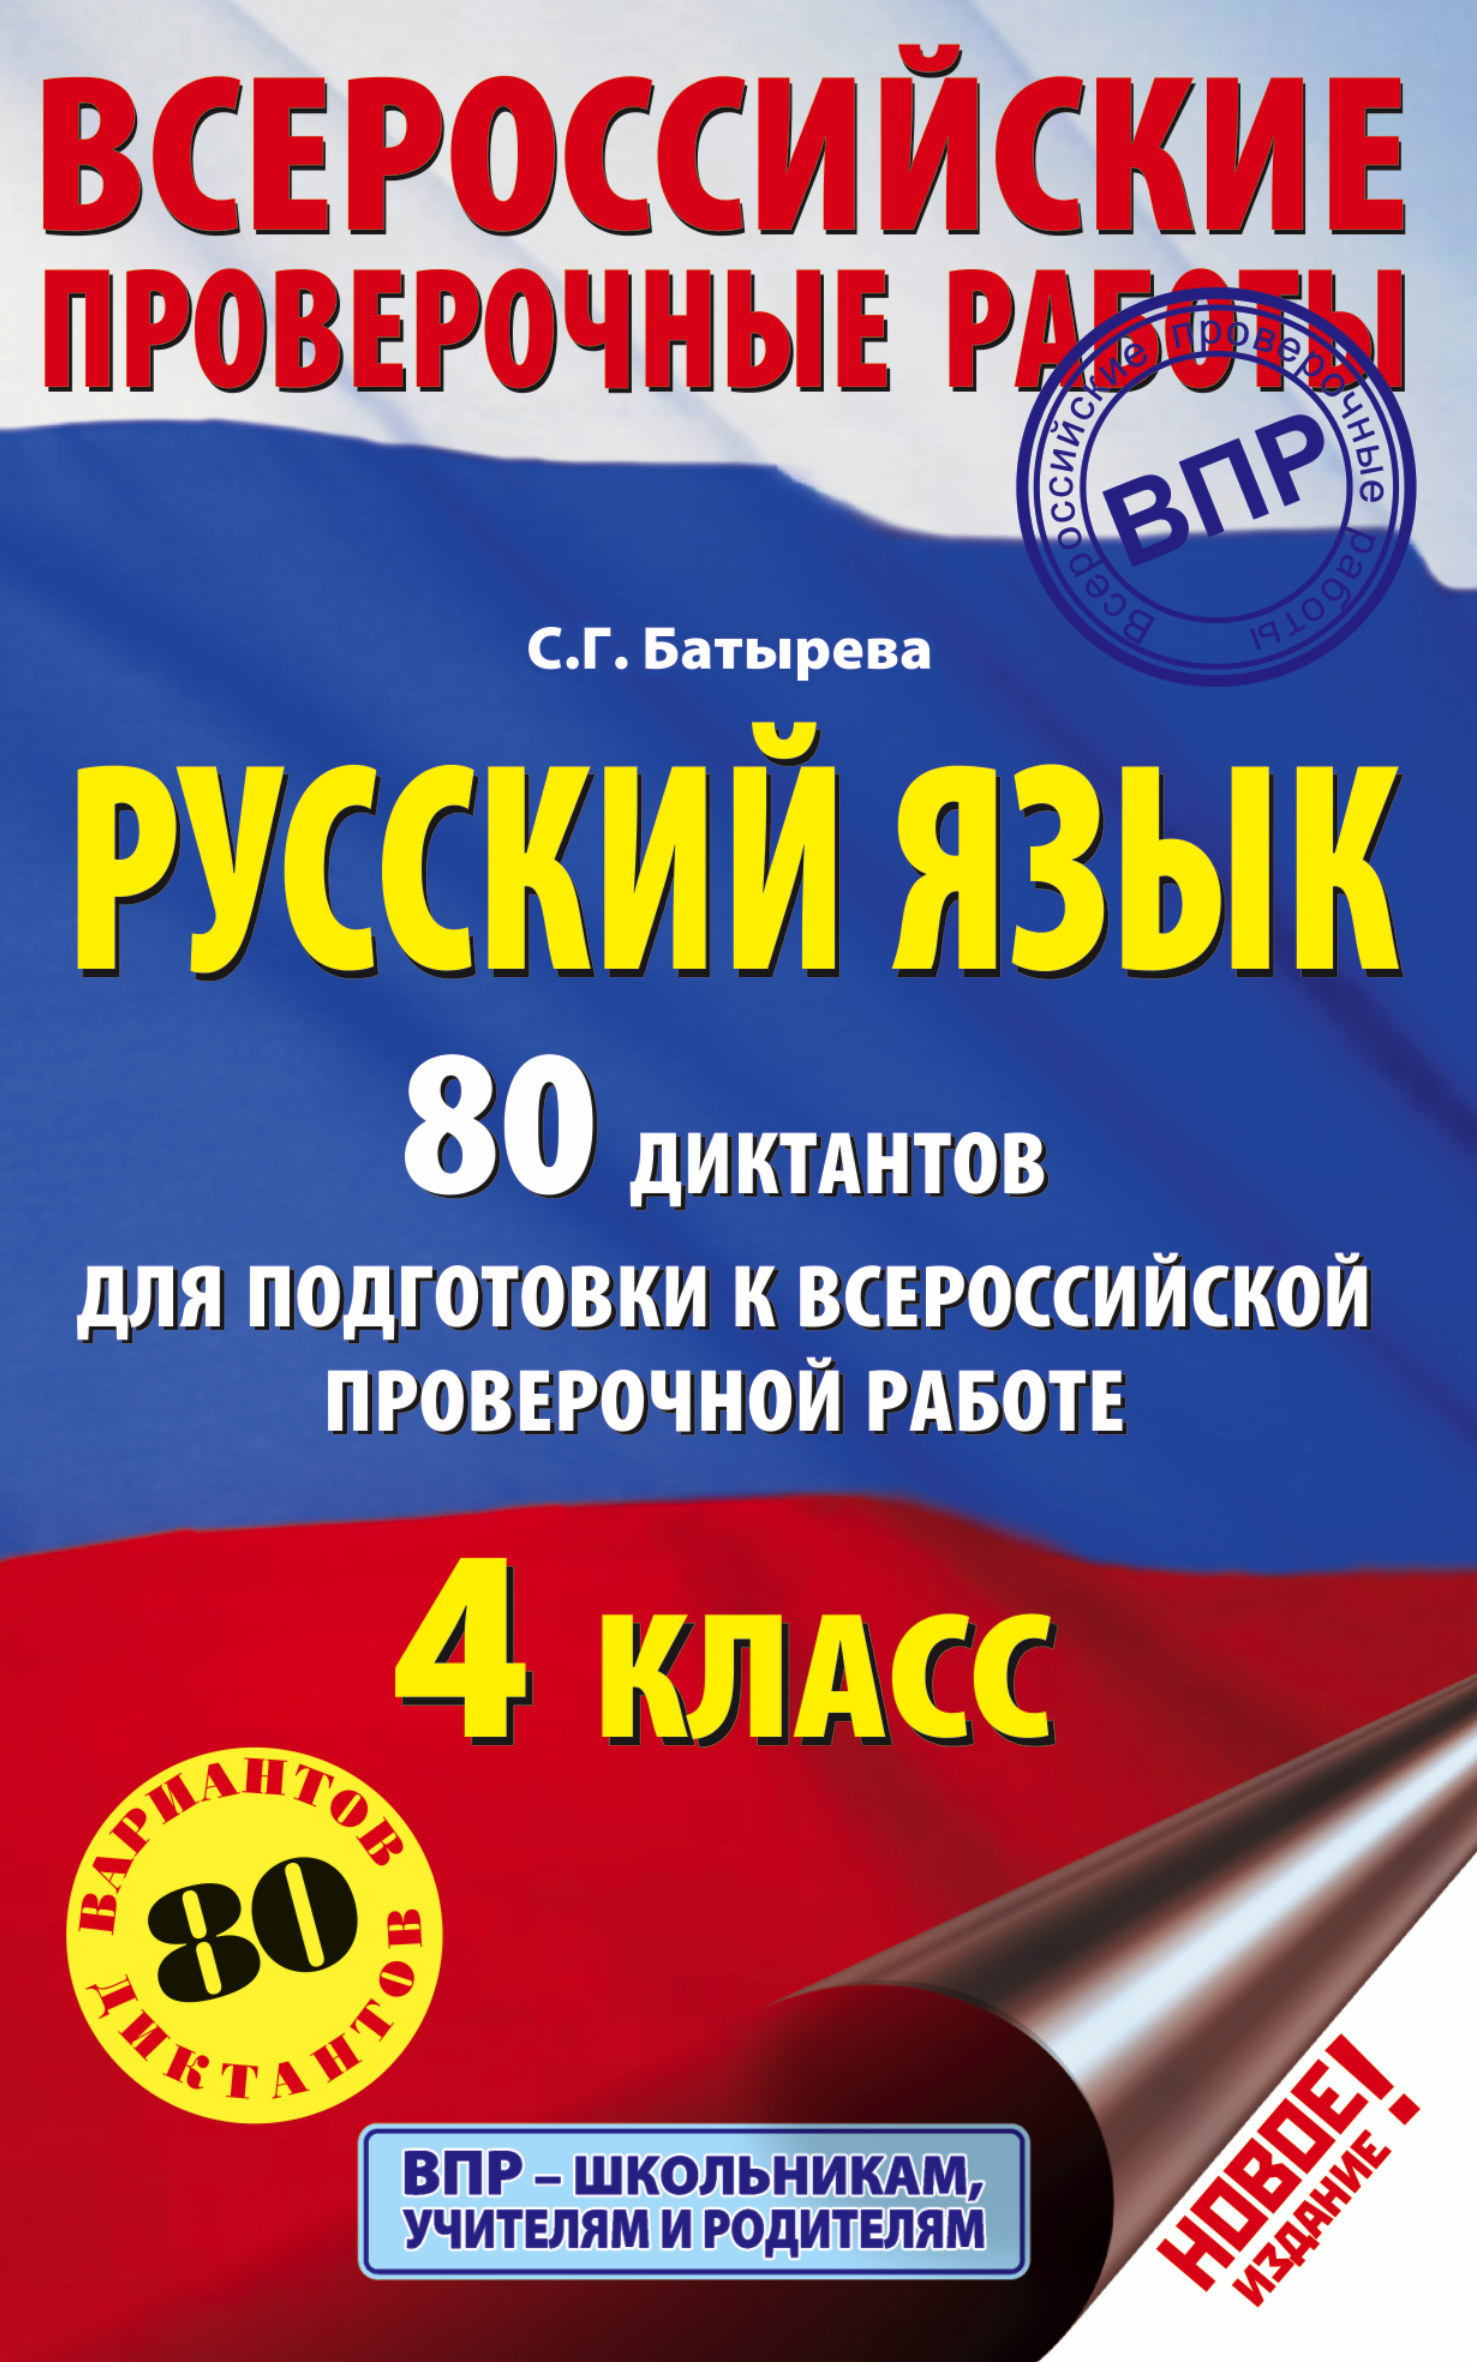 Русский язык. 80 диктантов для подготовки к Всероссийской проверочной работе ( Батырева С.Г.  )